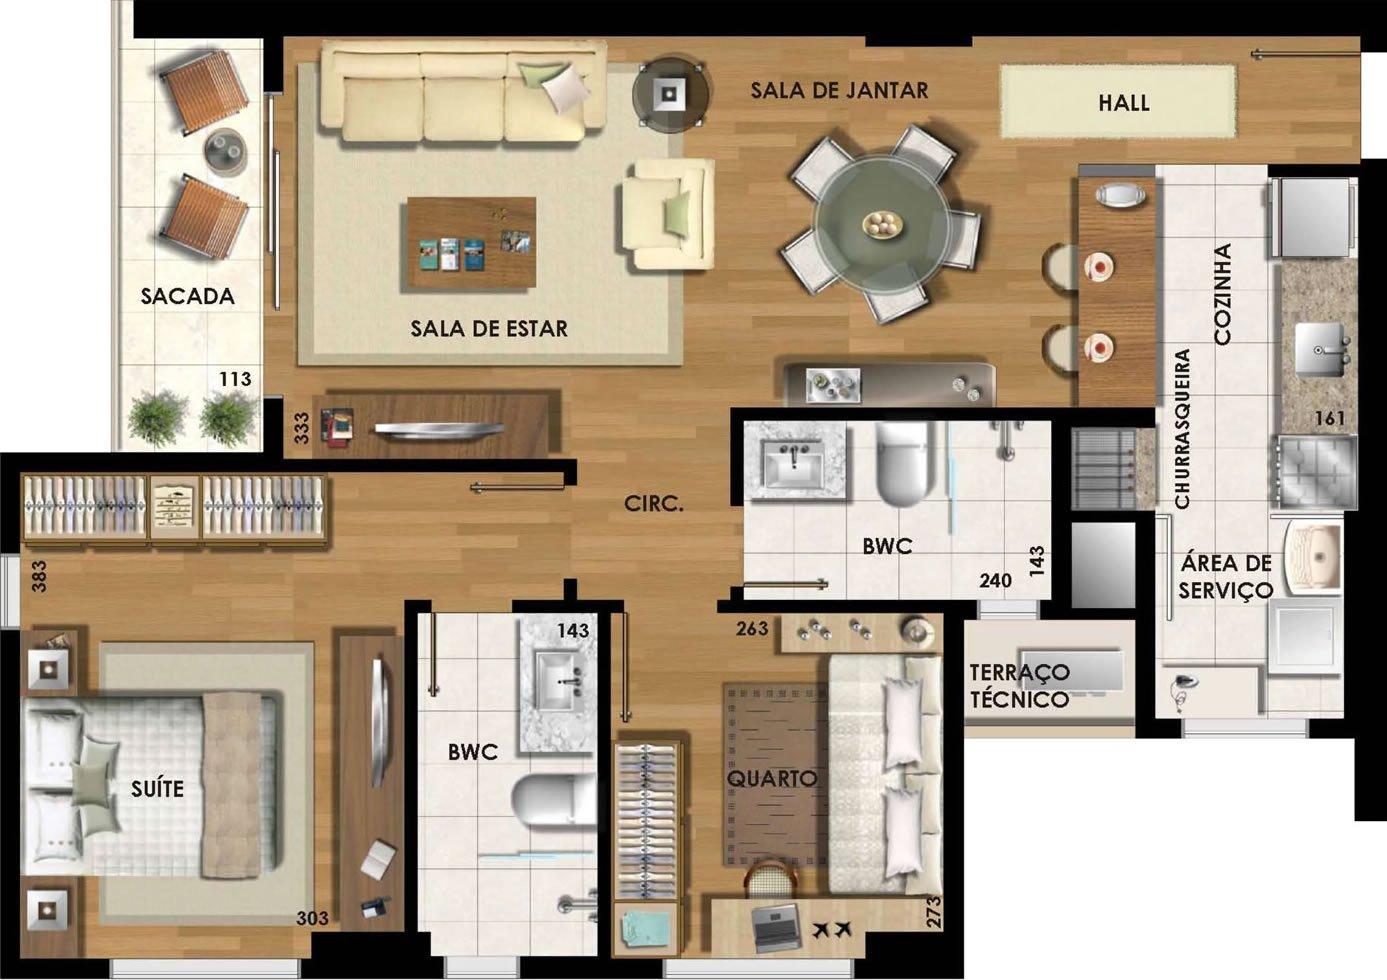 Planta de apartamento com 2 quartoss